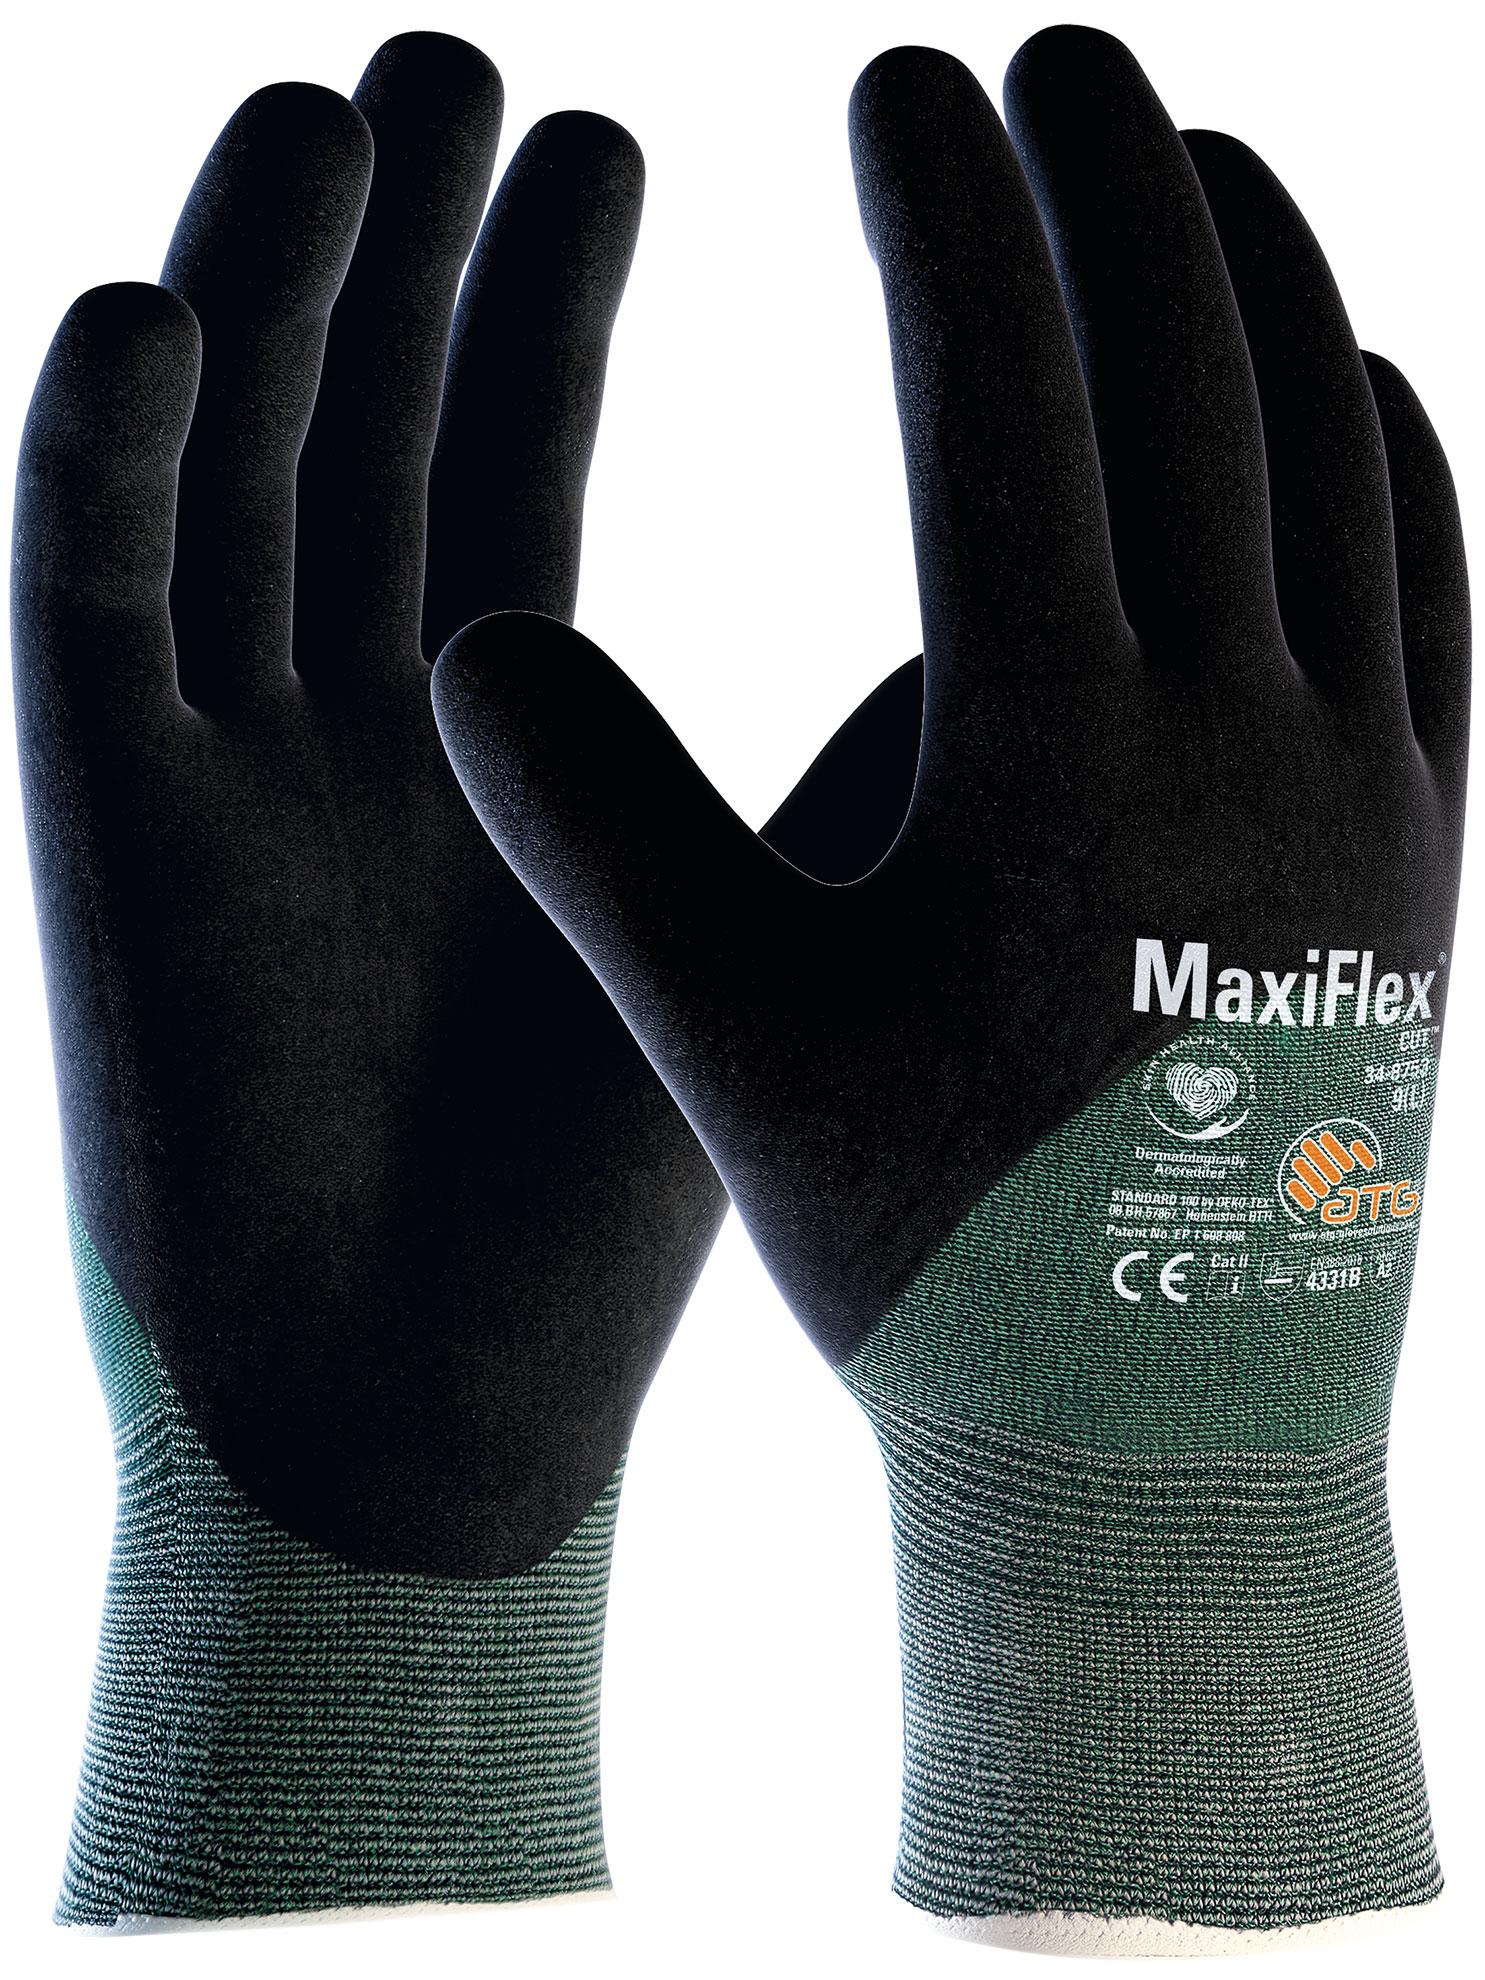 34-8753 MaxiFlex® Cut